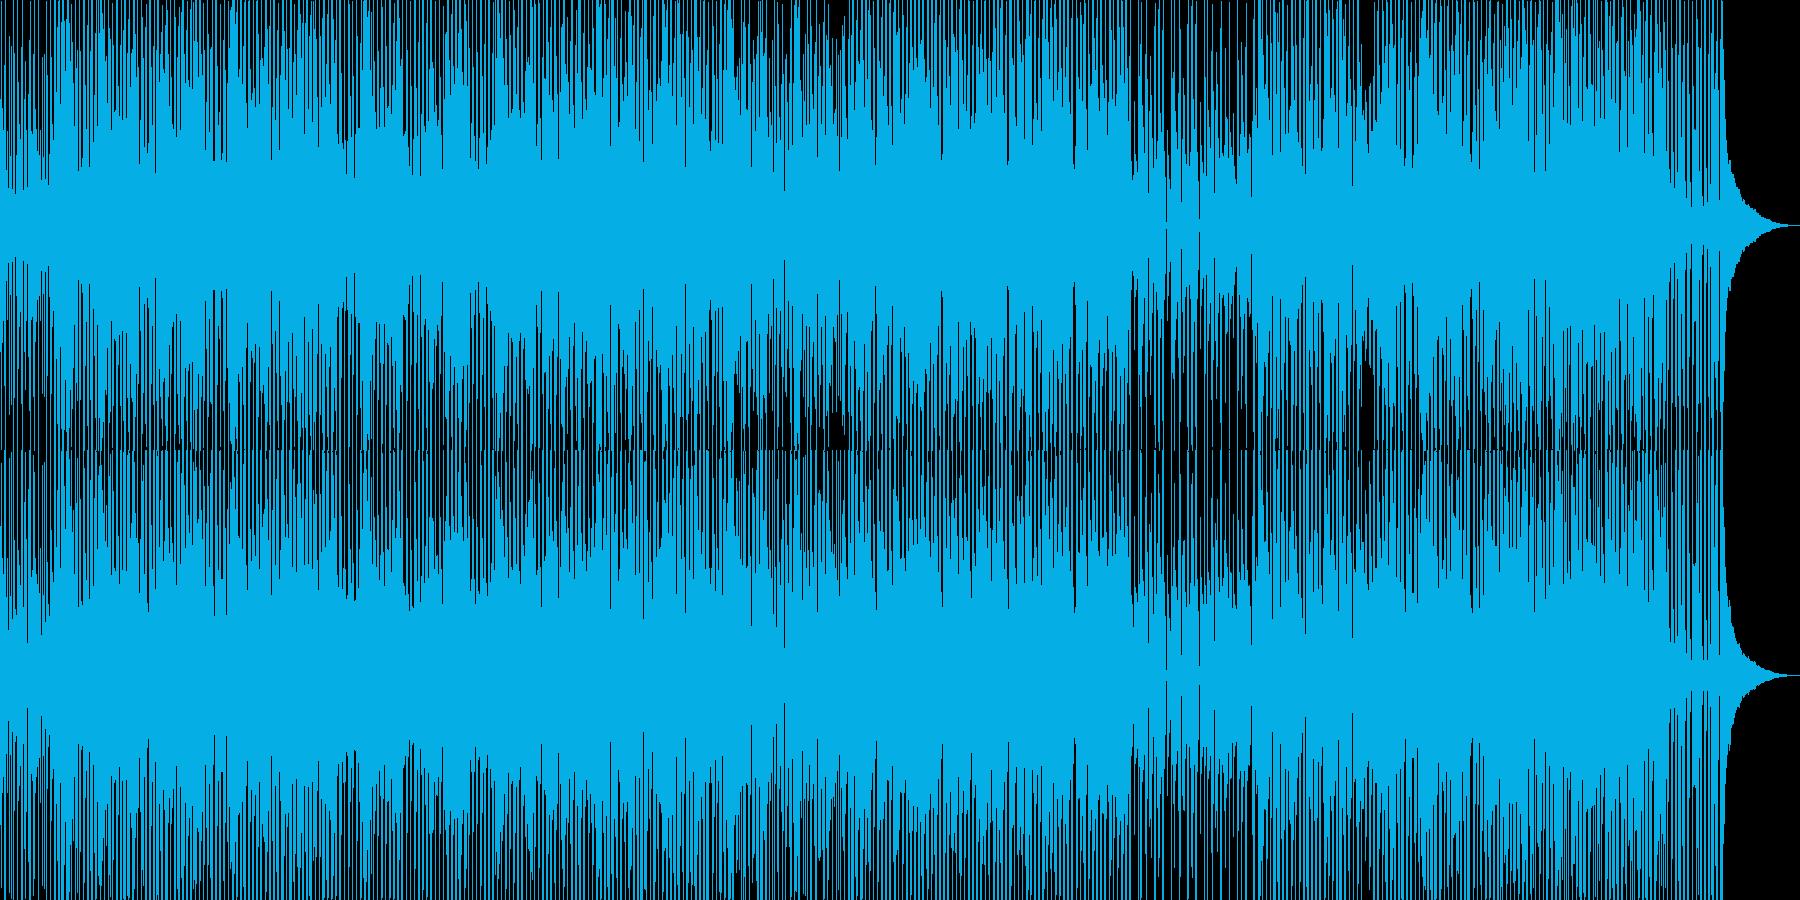 今どきBGM_楽しい_ウクレレ_淡々1の再生済みの波形